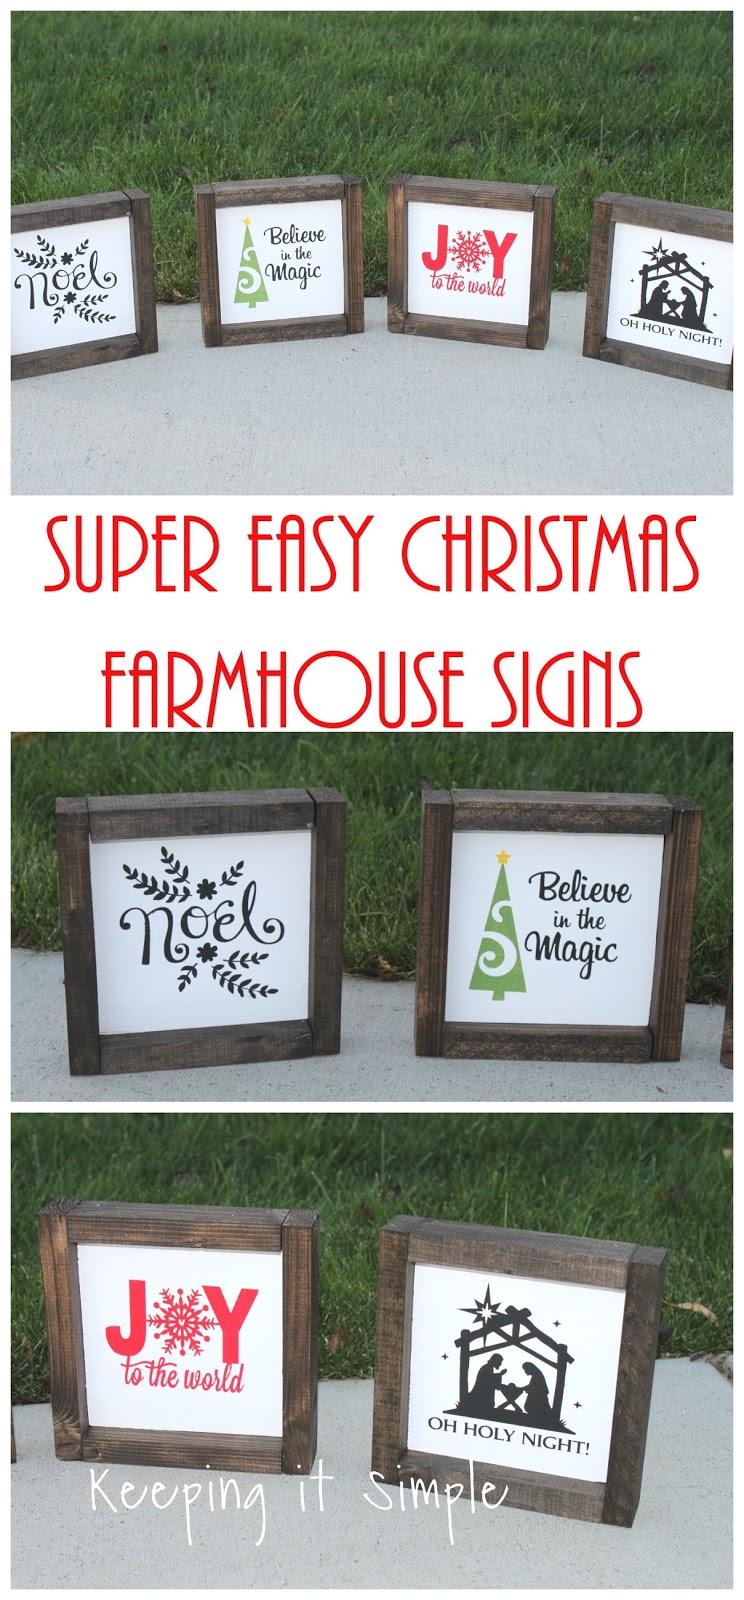 Christmas Neighbor Gift Idea Diy Small Farmhouse Signs